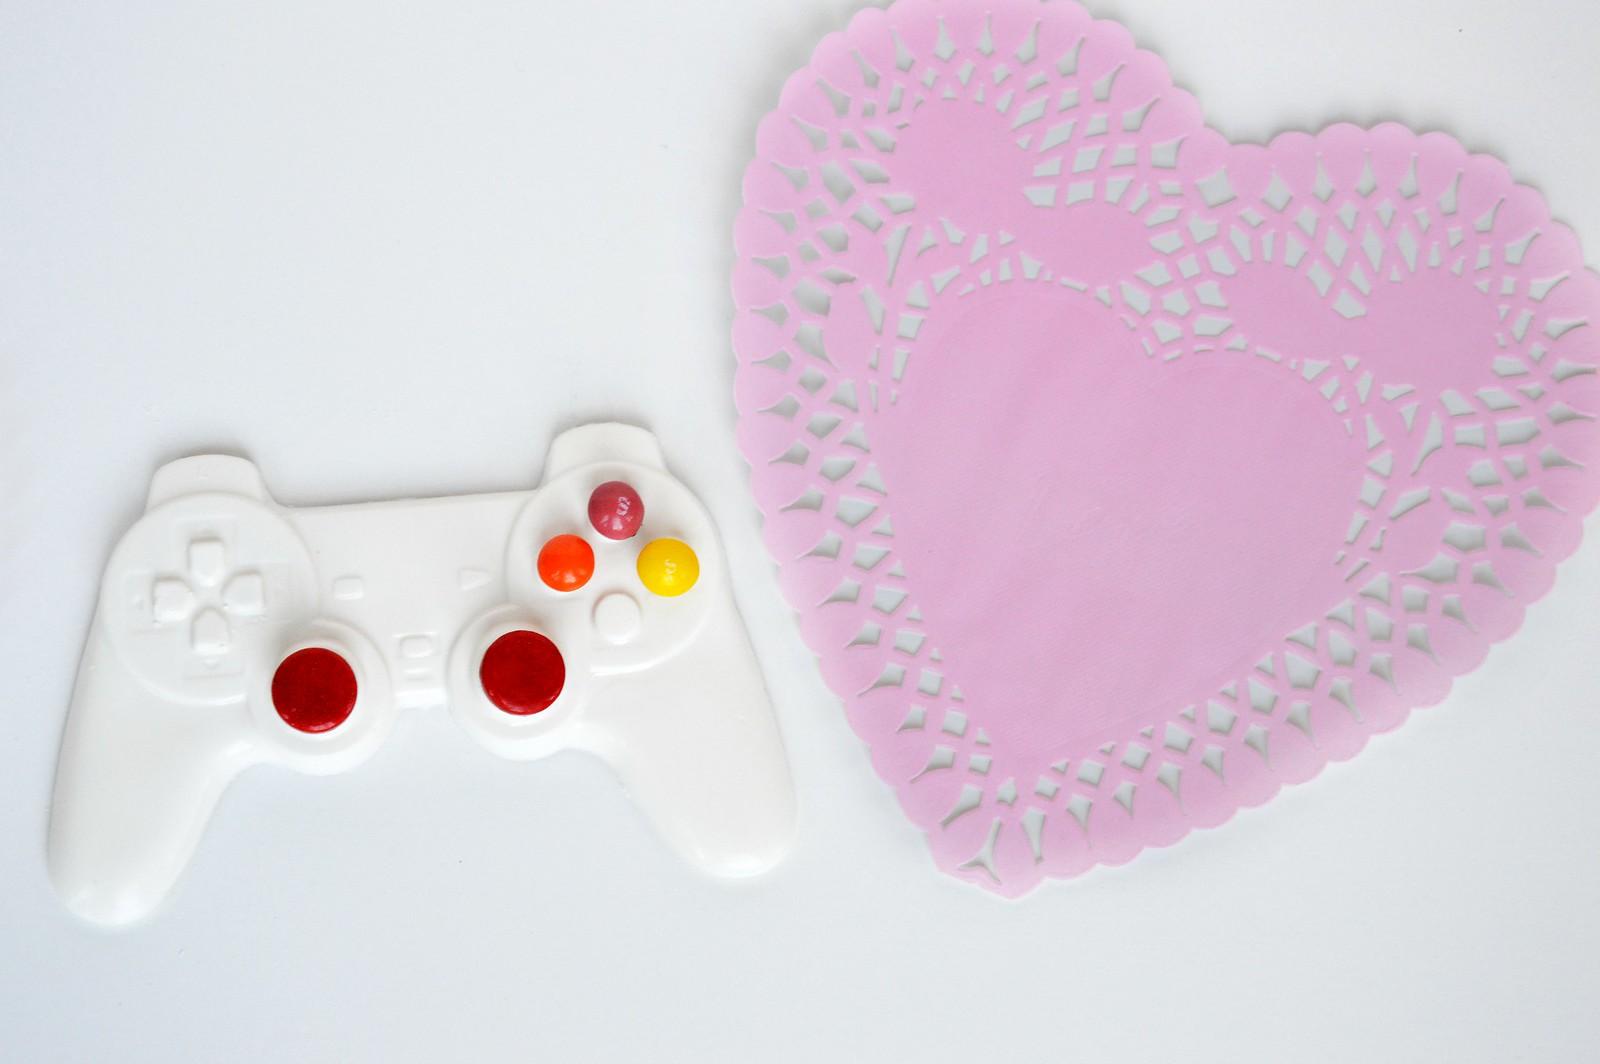 game controller 5